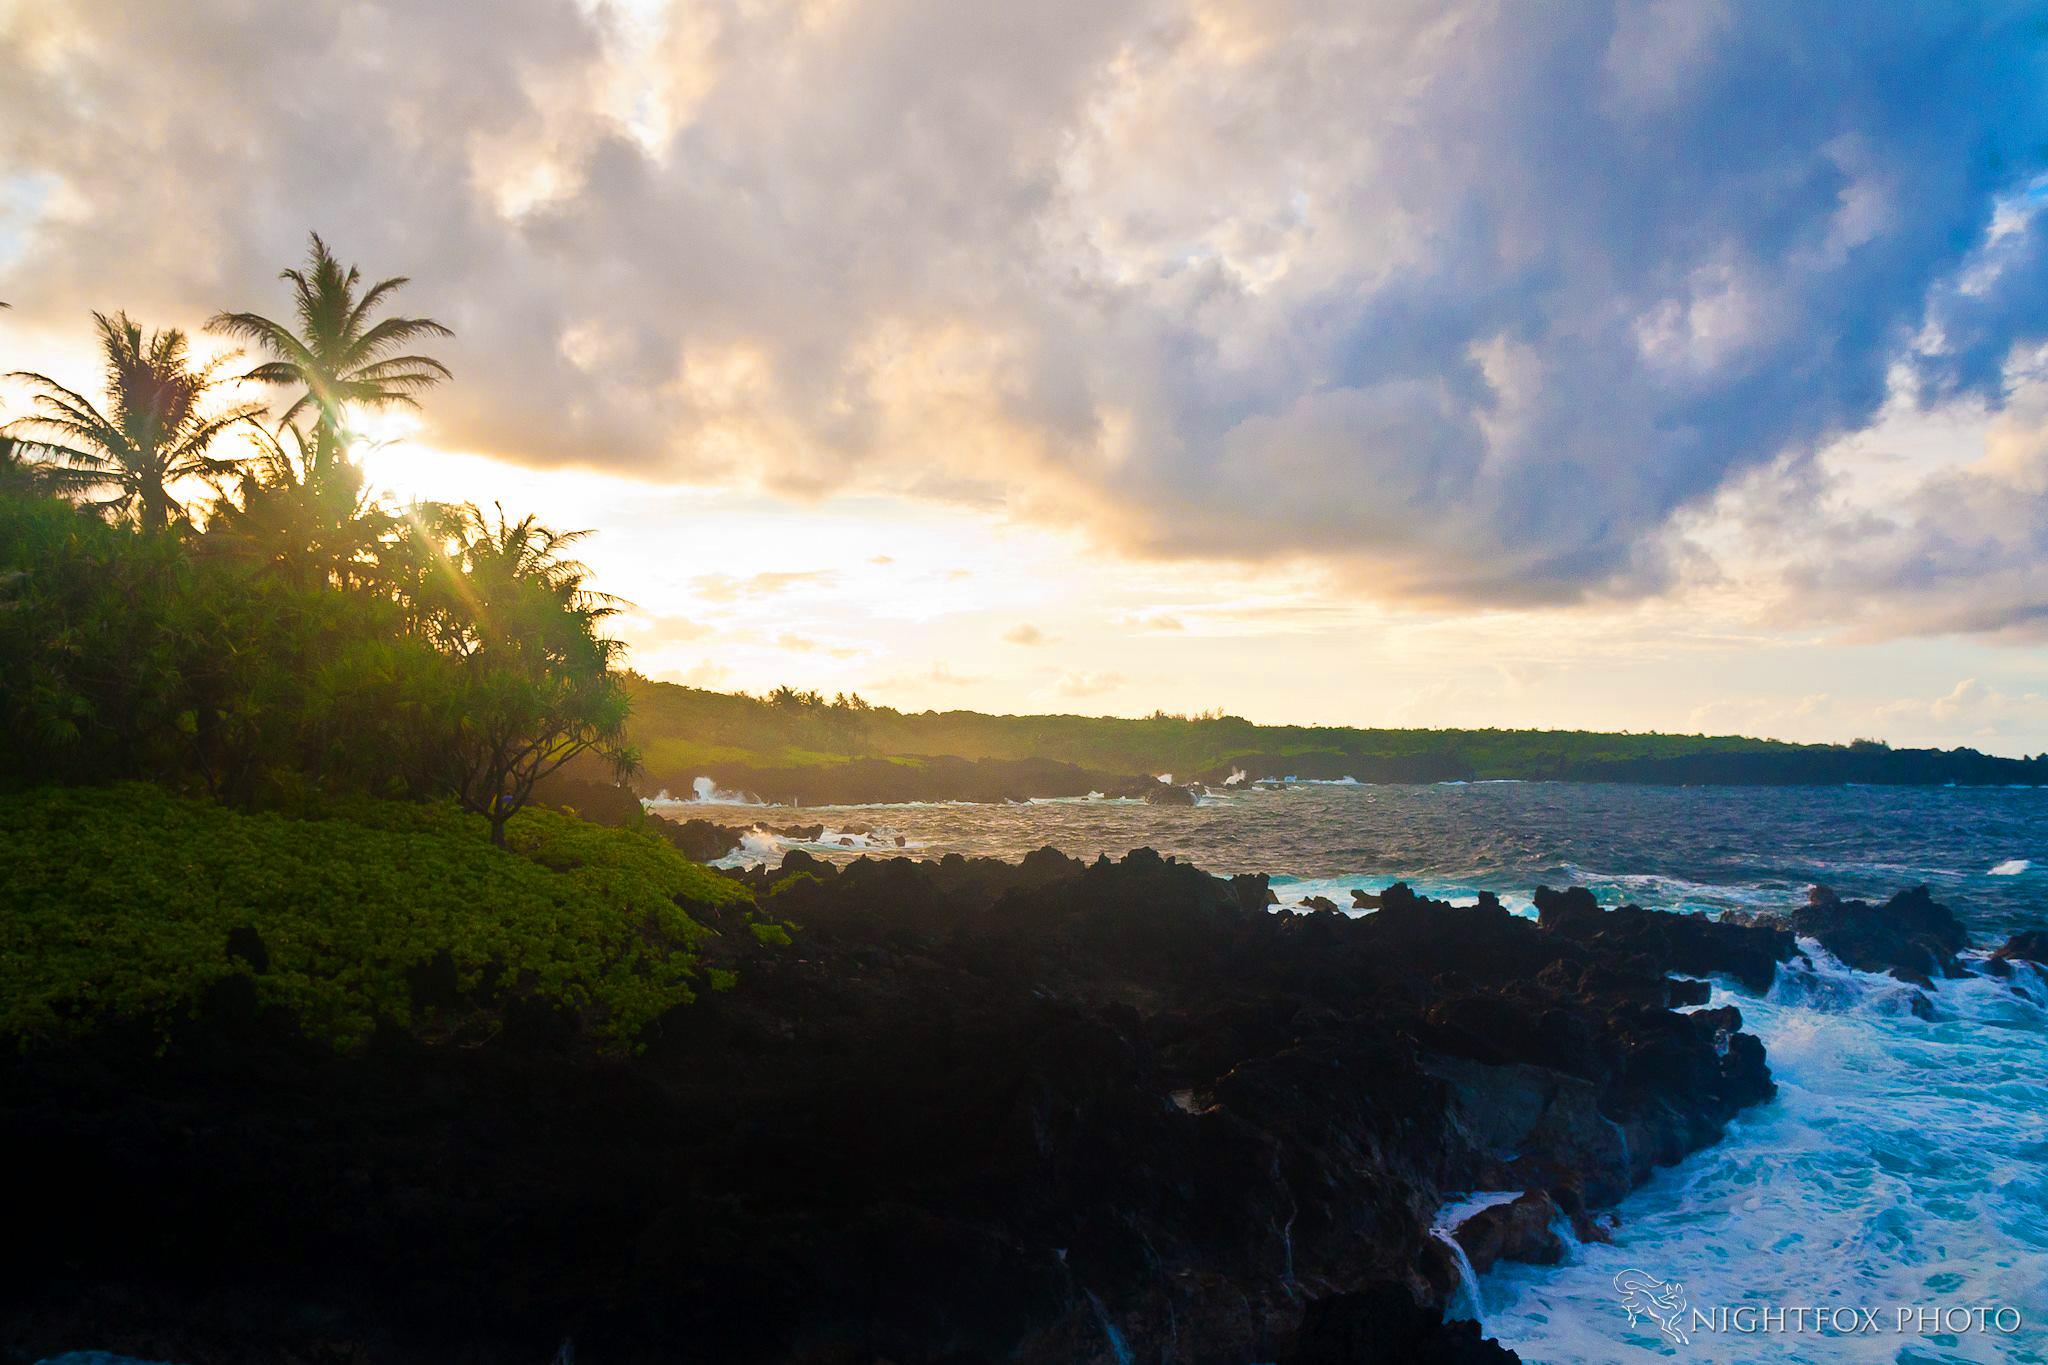 Waianapanapa, Maui